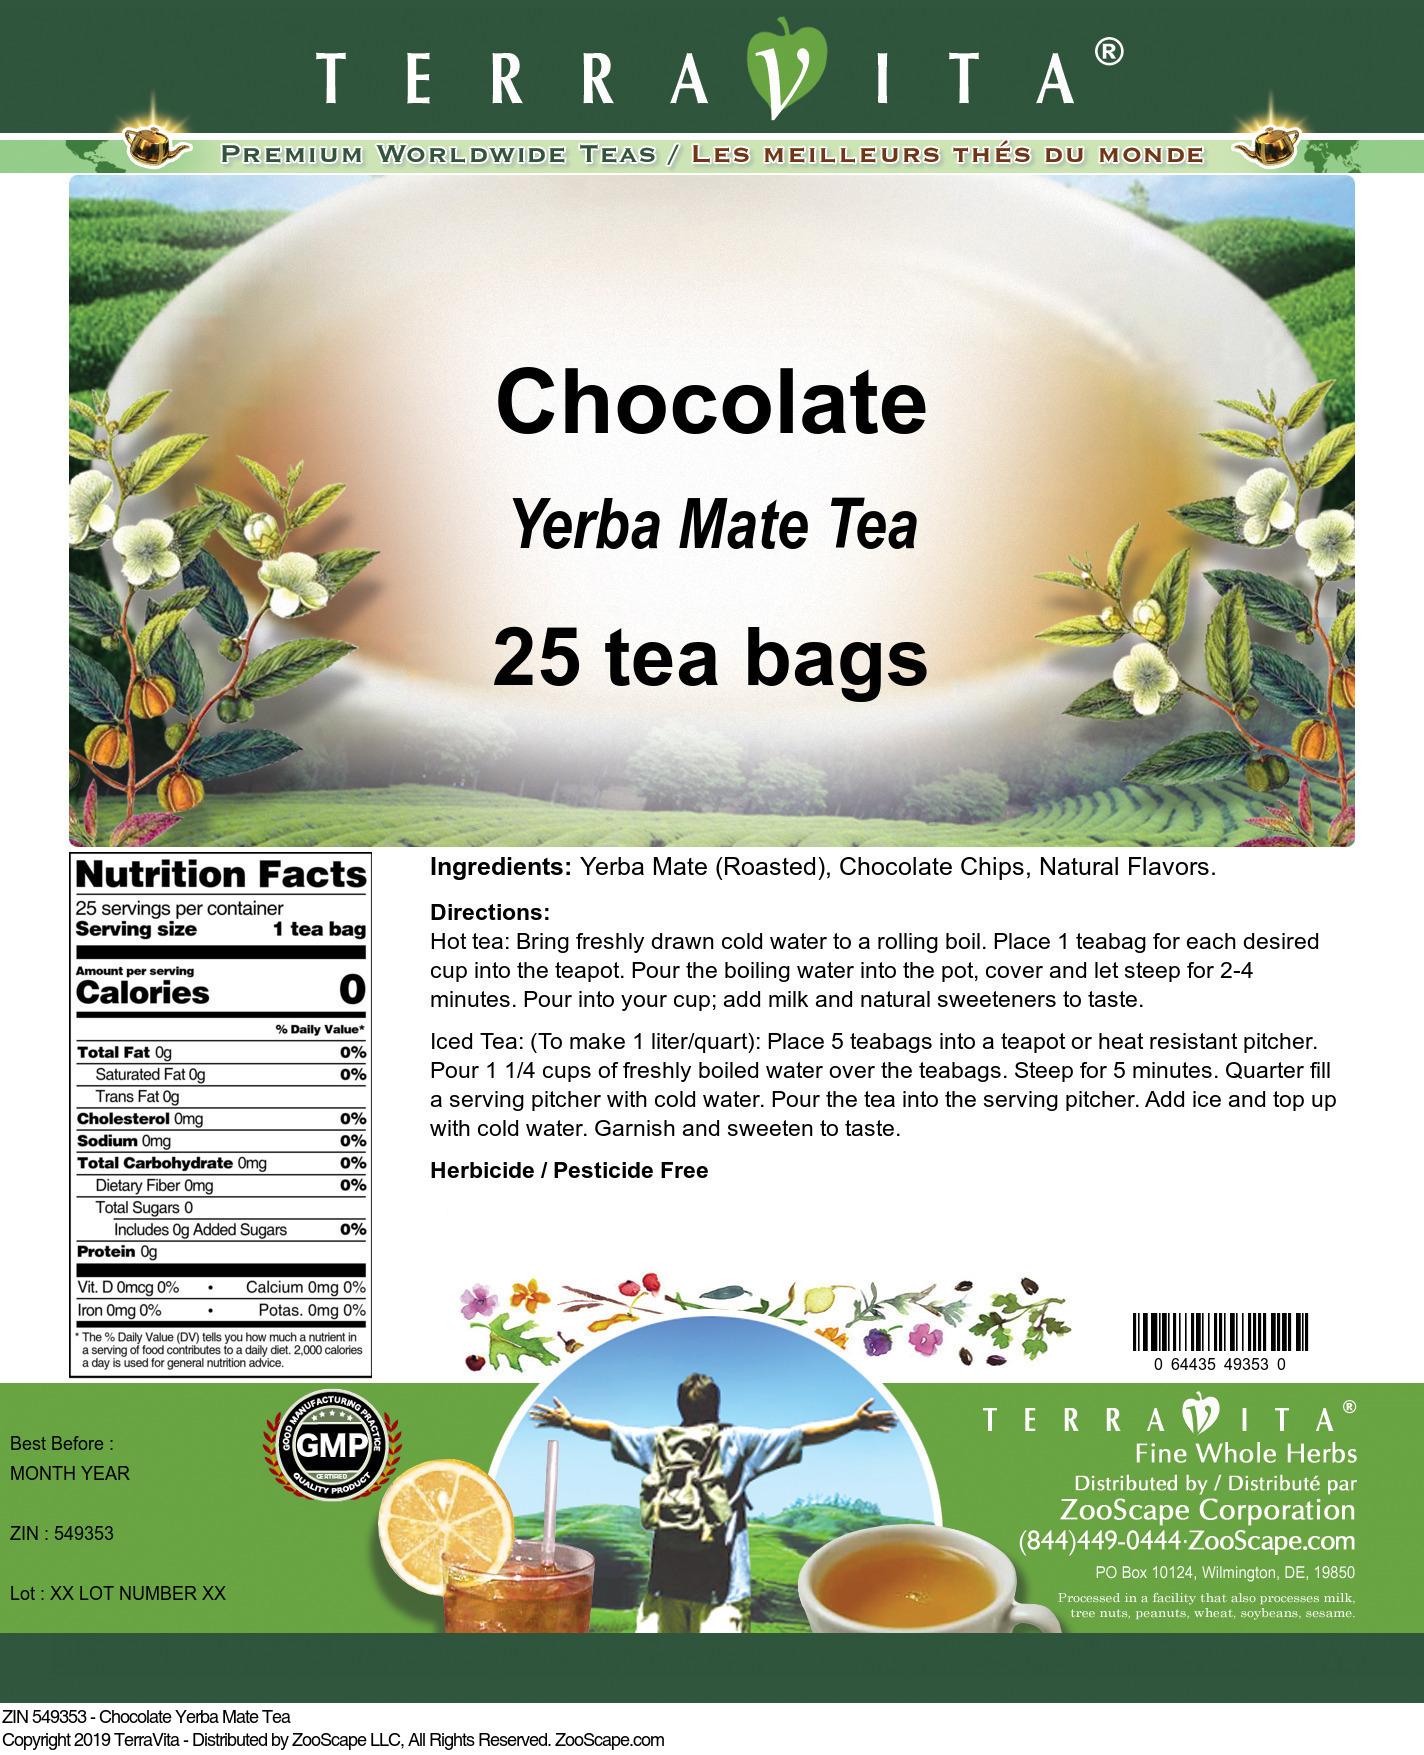 Chocolate Yerba Mate